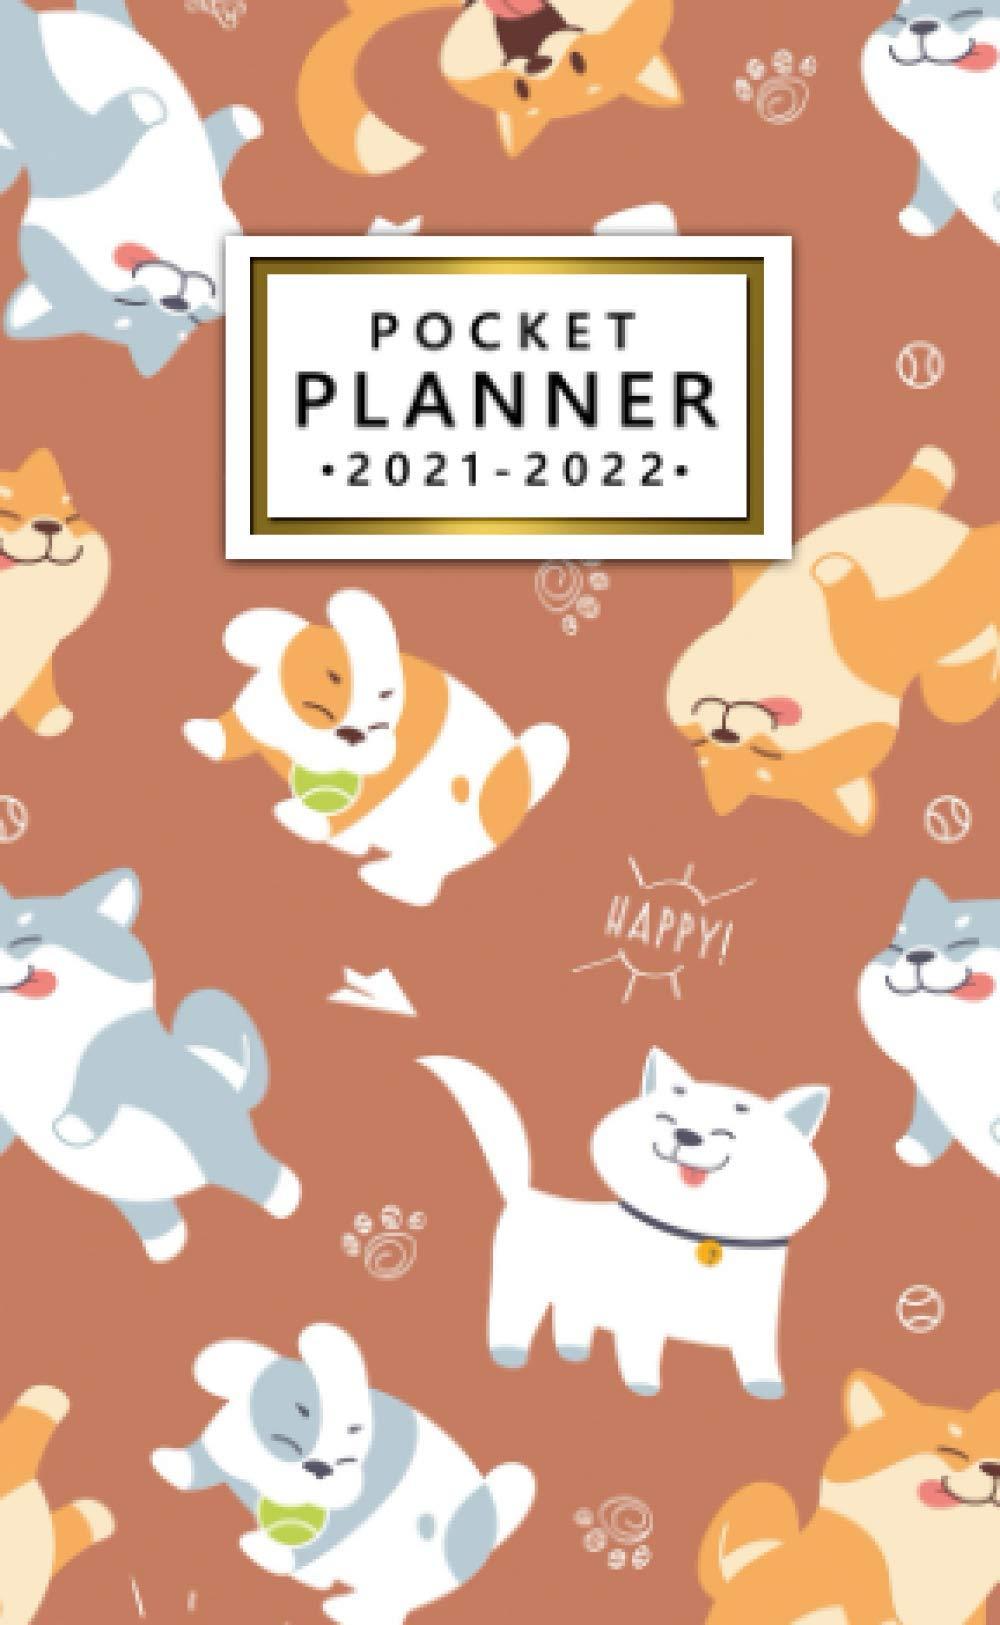 Pocket Planner 2021 2022: Two Year 24 Month Calendar Organizer